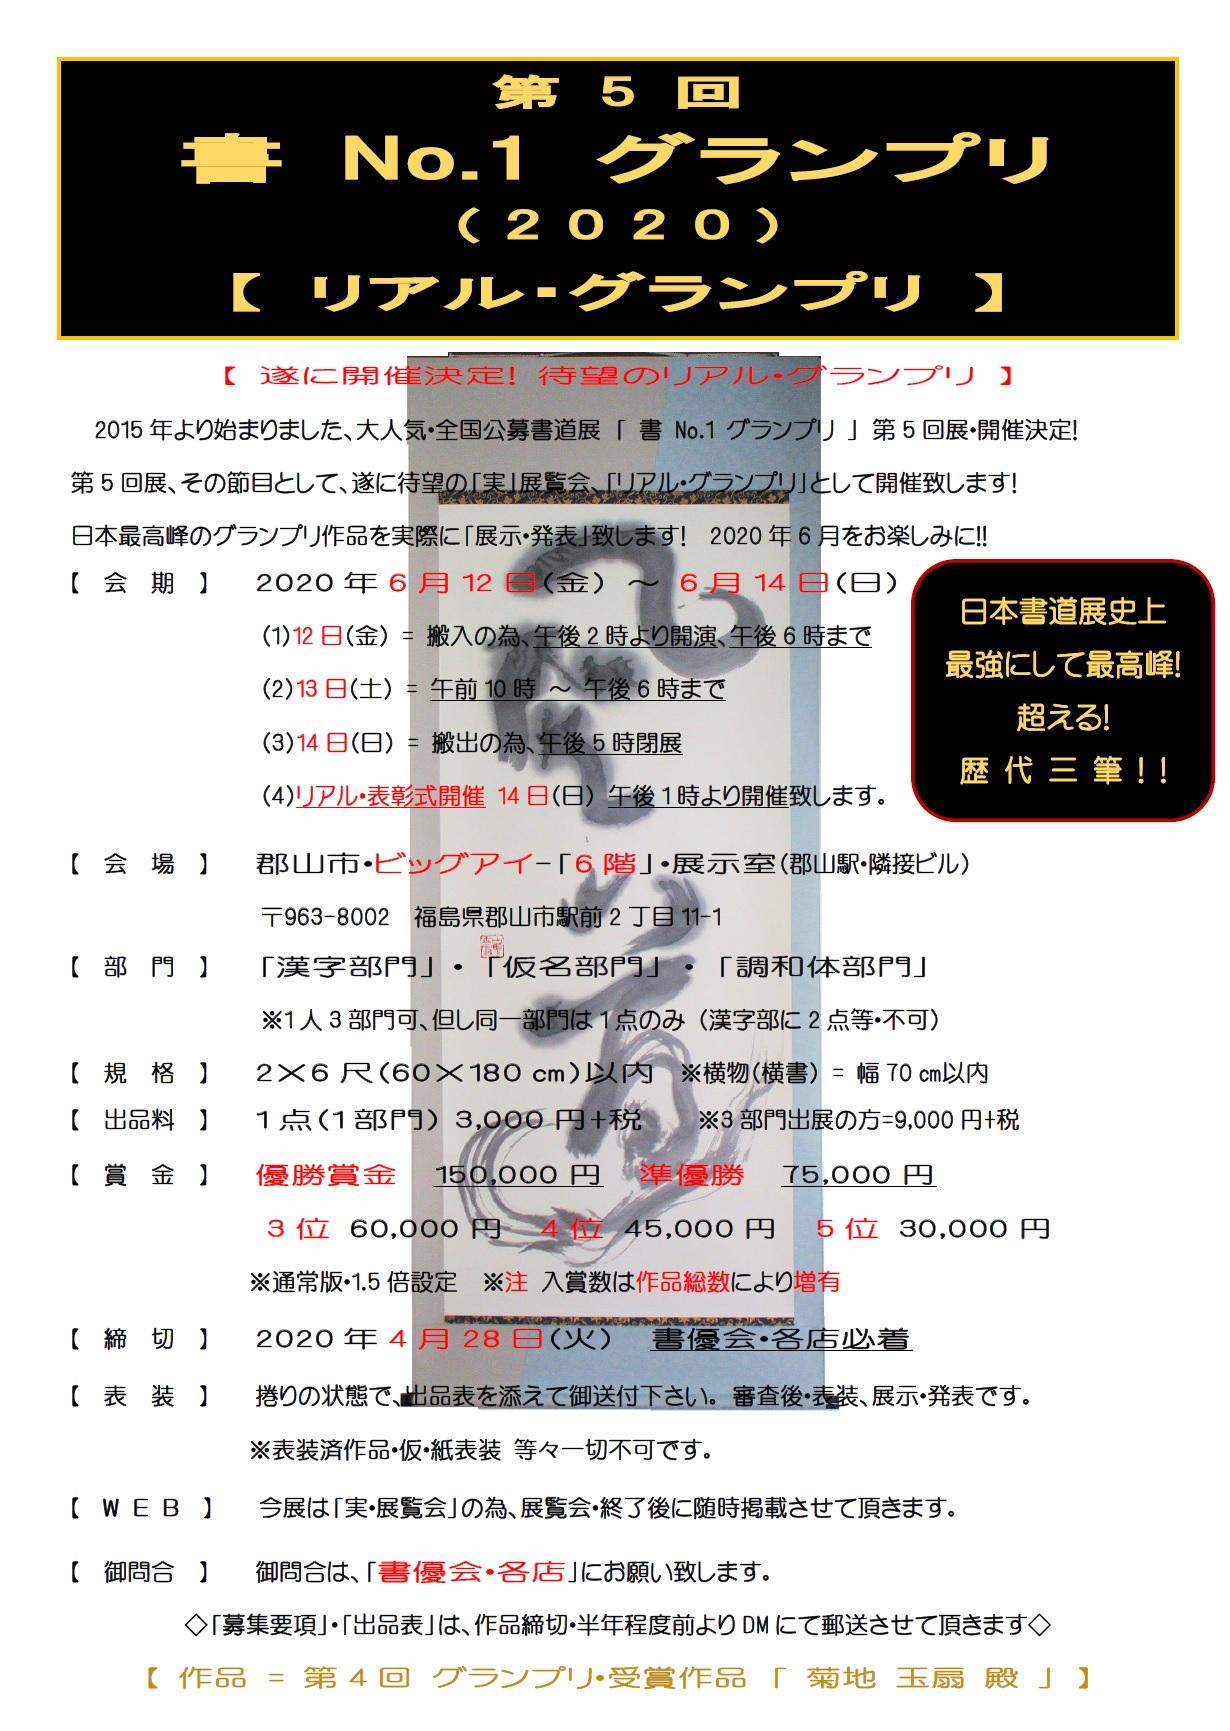 5th-sho-no1-gp-2020-realgp-pos.jpg